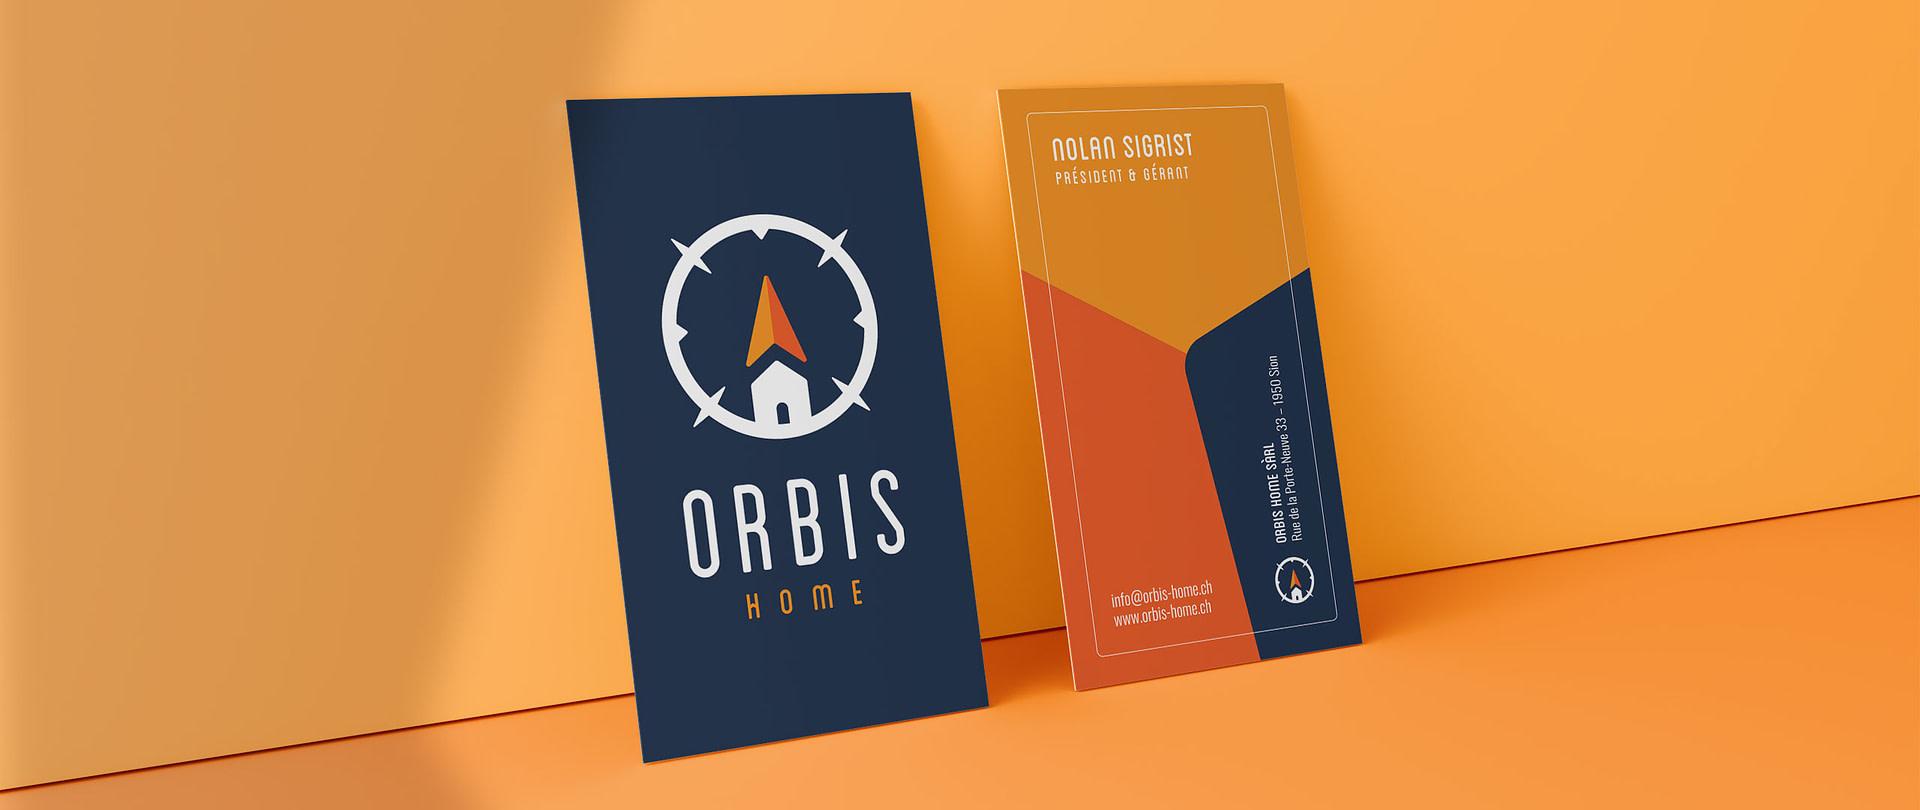 Cartes de visite réalisé pour Orbis Home par TMKL